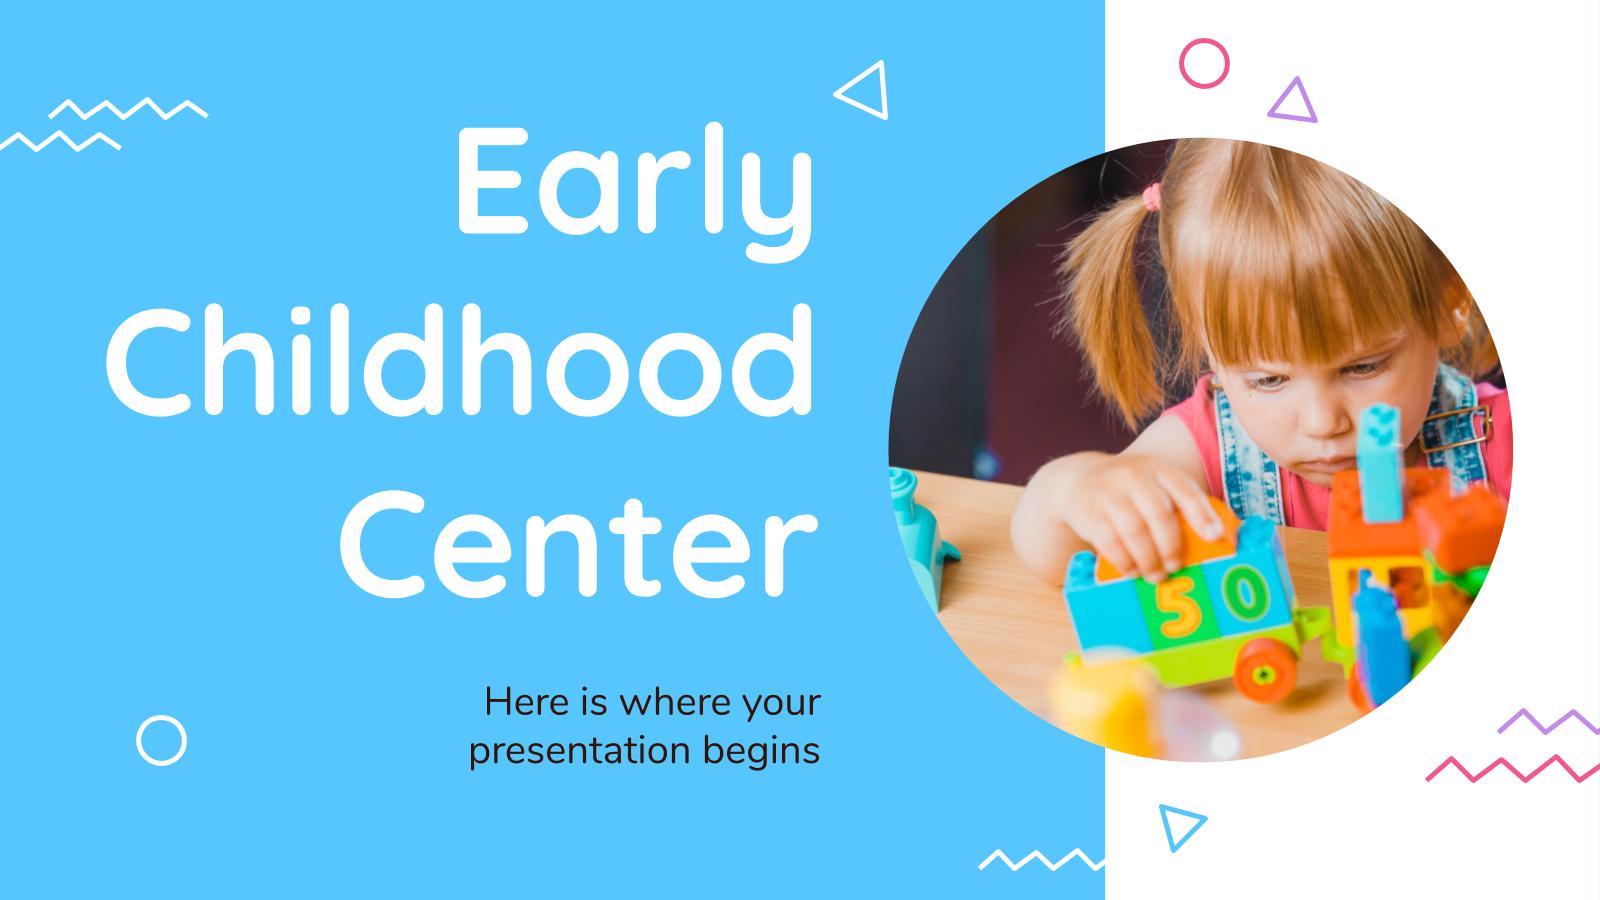 Plantilla de presentación Centro de educación infantil